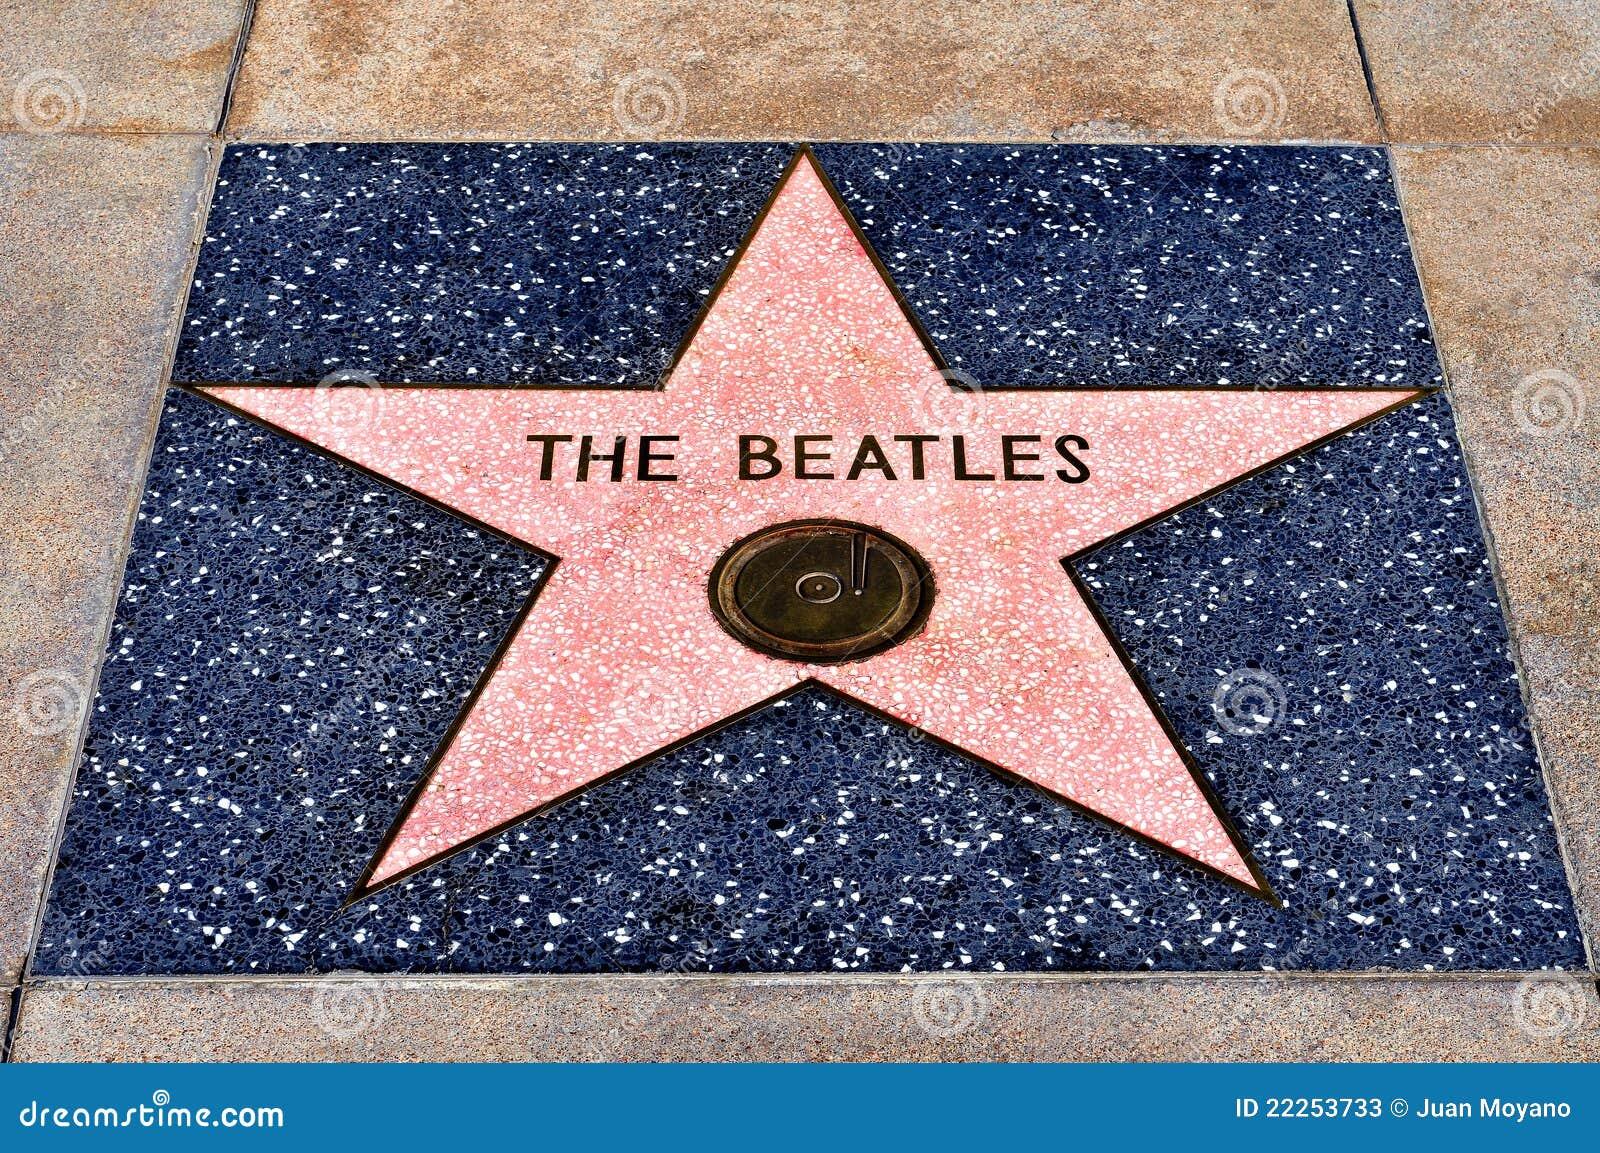 Caminata de la fama, Los Ángeles, Estados Unidos de Hollywood